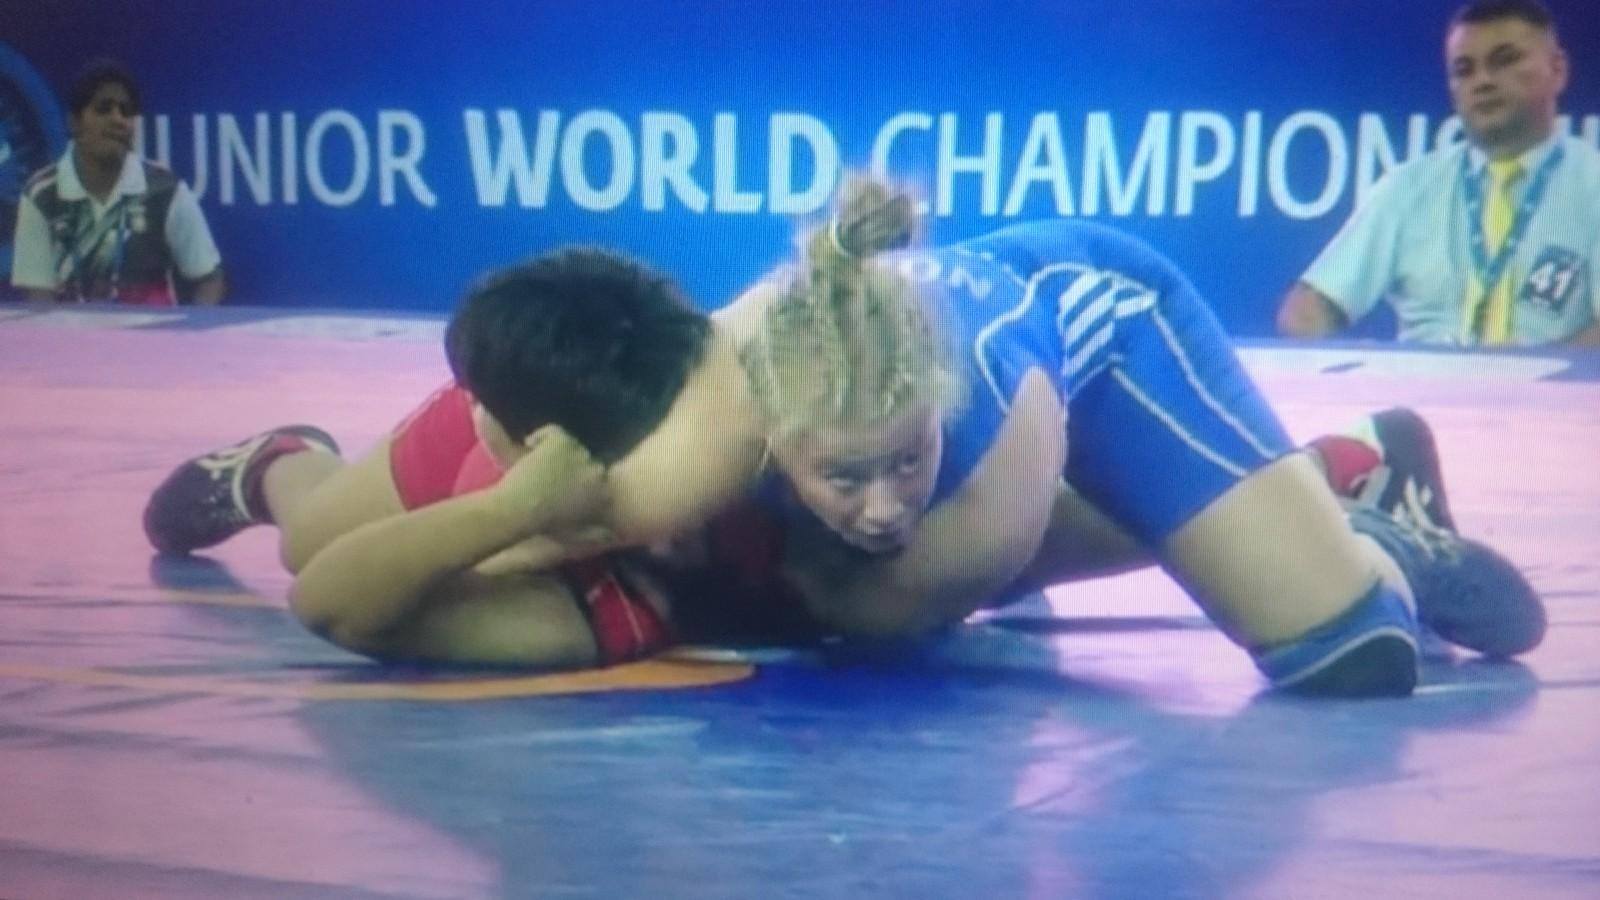 Signe Marie Fidje Store i blå drakt vinner på fallseier over Divya Kakran fra India, og kvalifiserte seg dermed til bronsefinale i junior-VM.